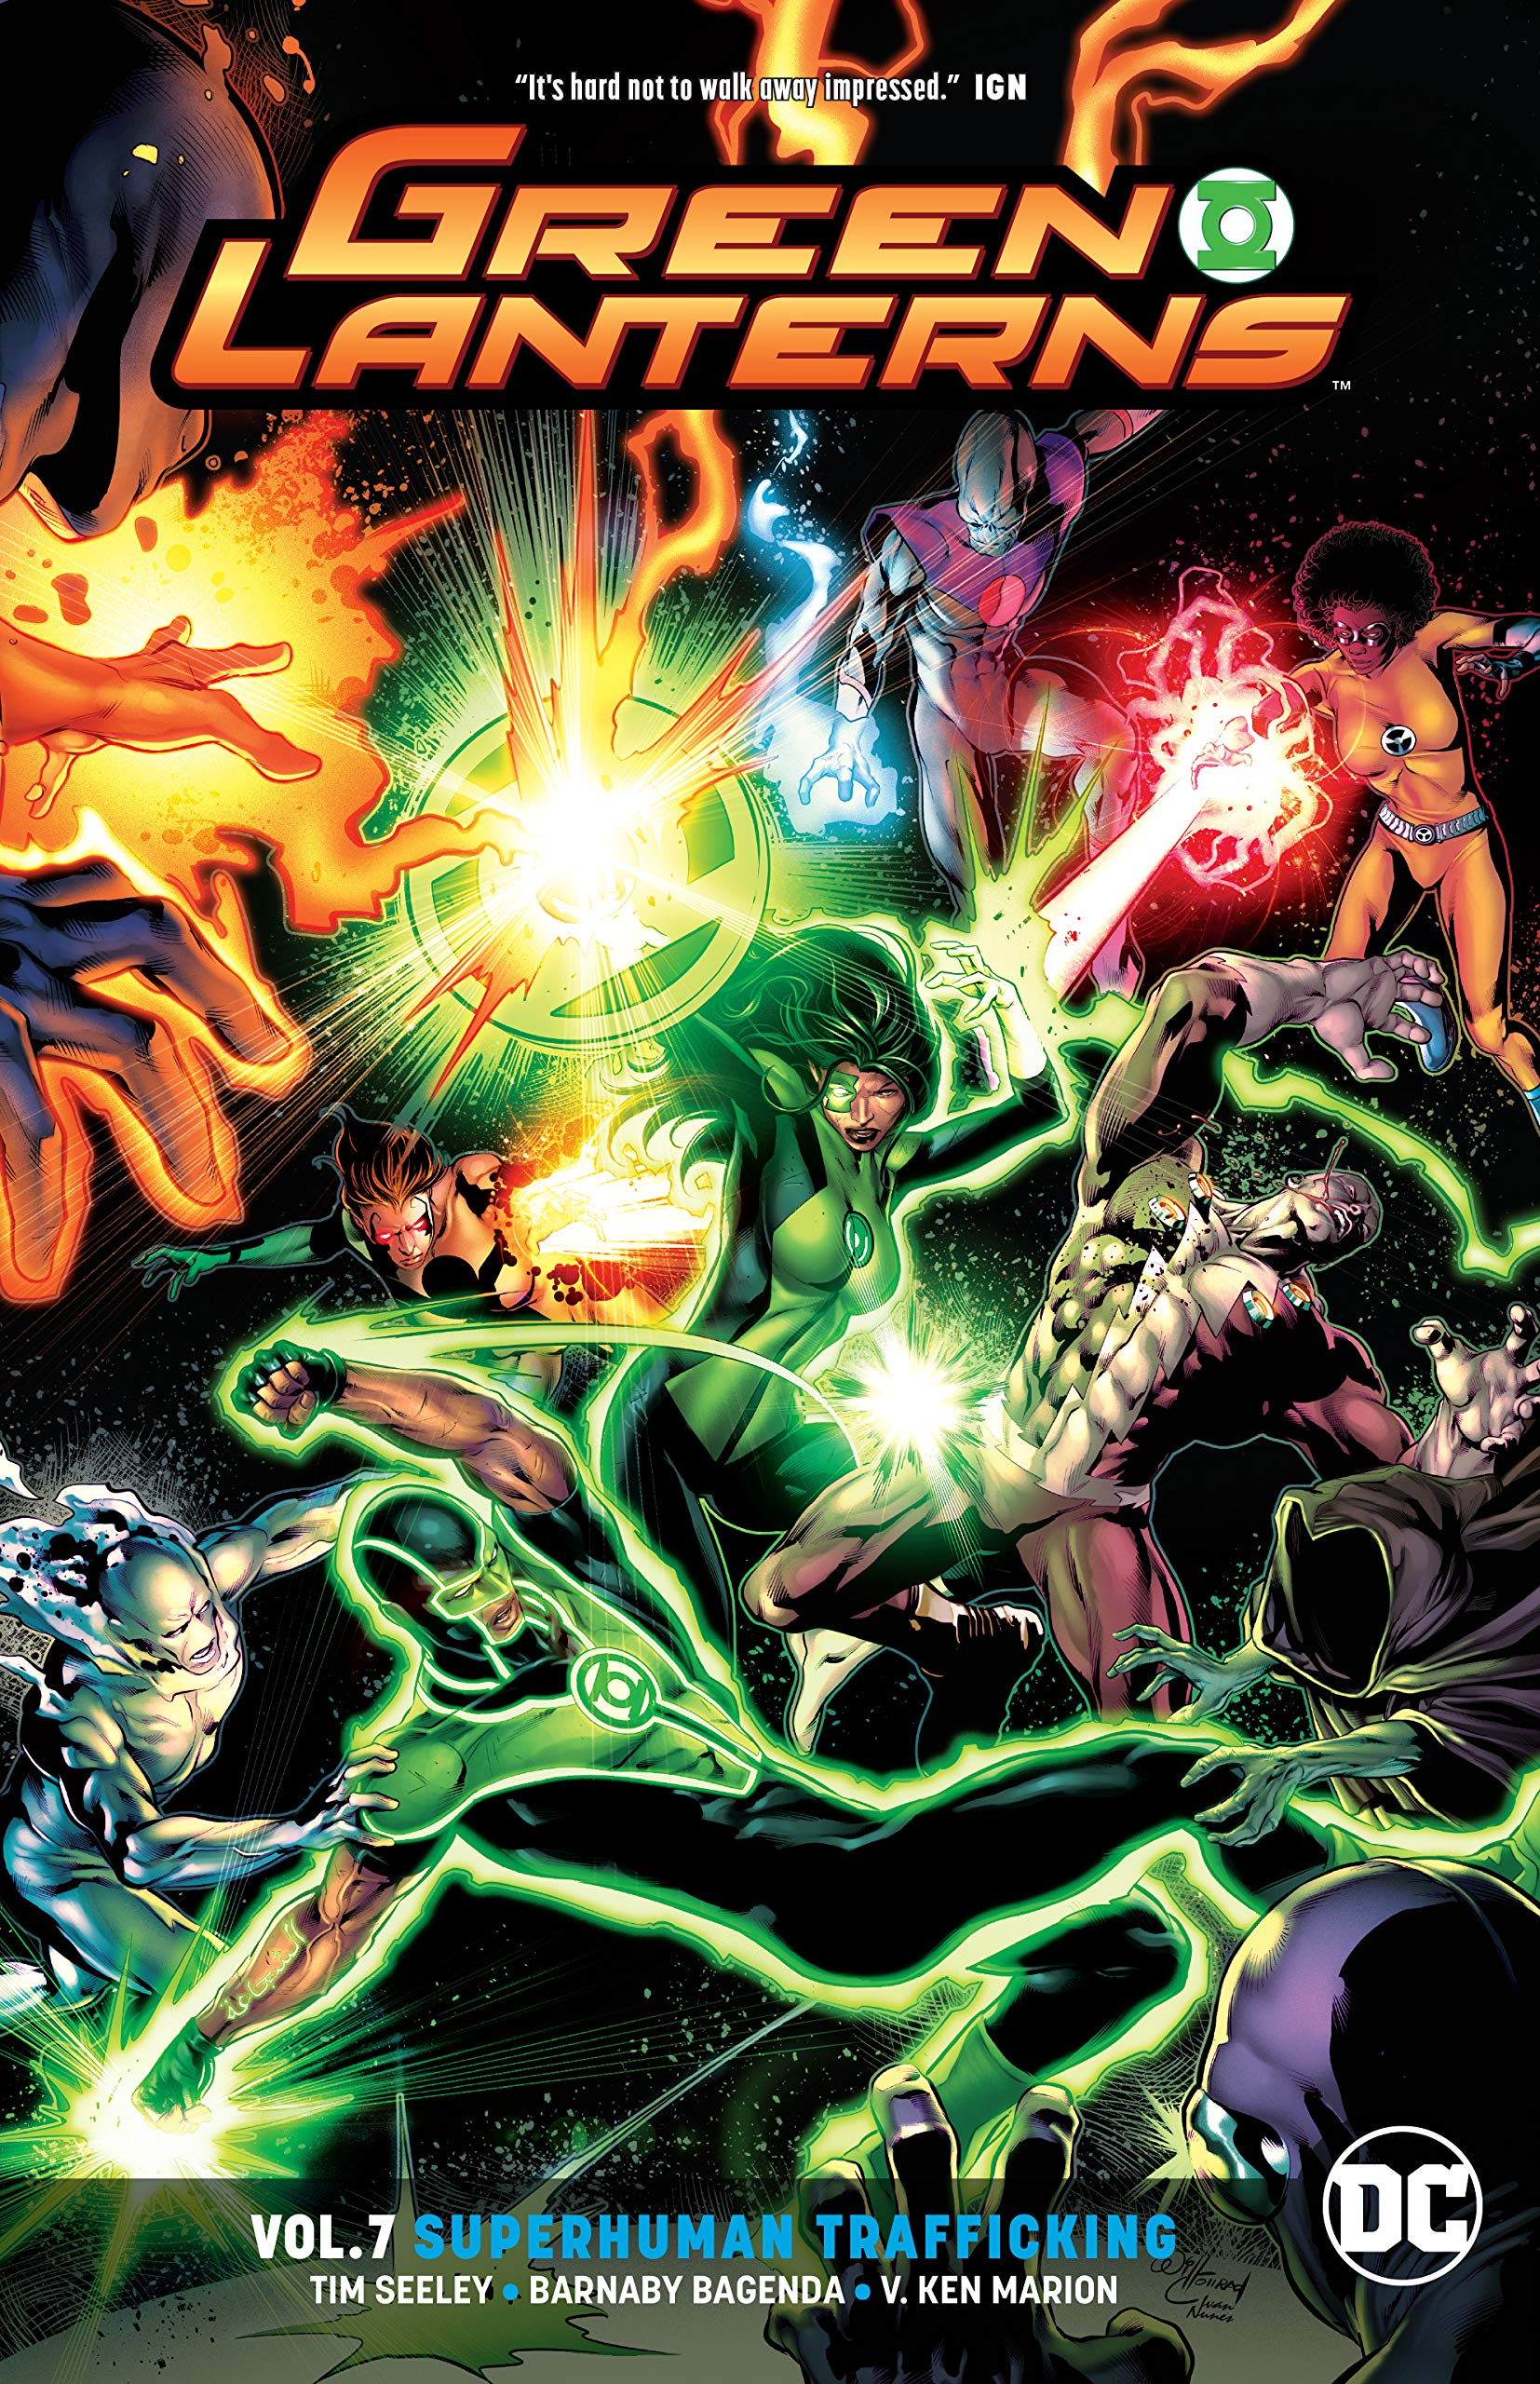 Green Lanterns 7 - Superhuman Trafficking